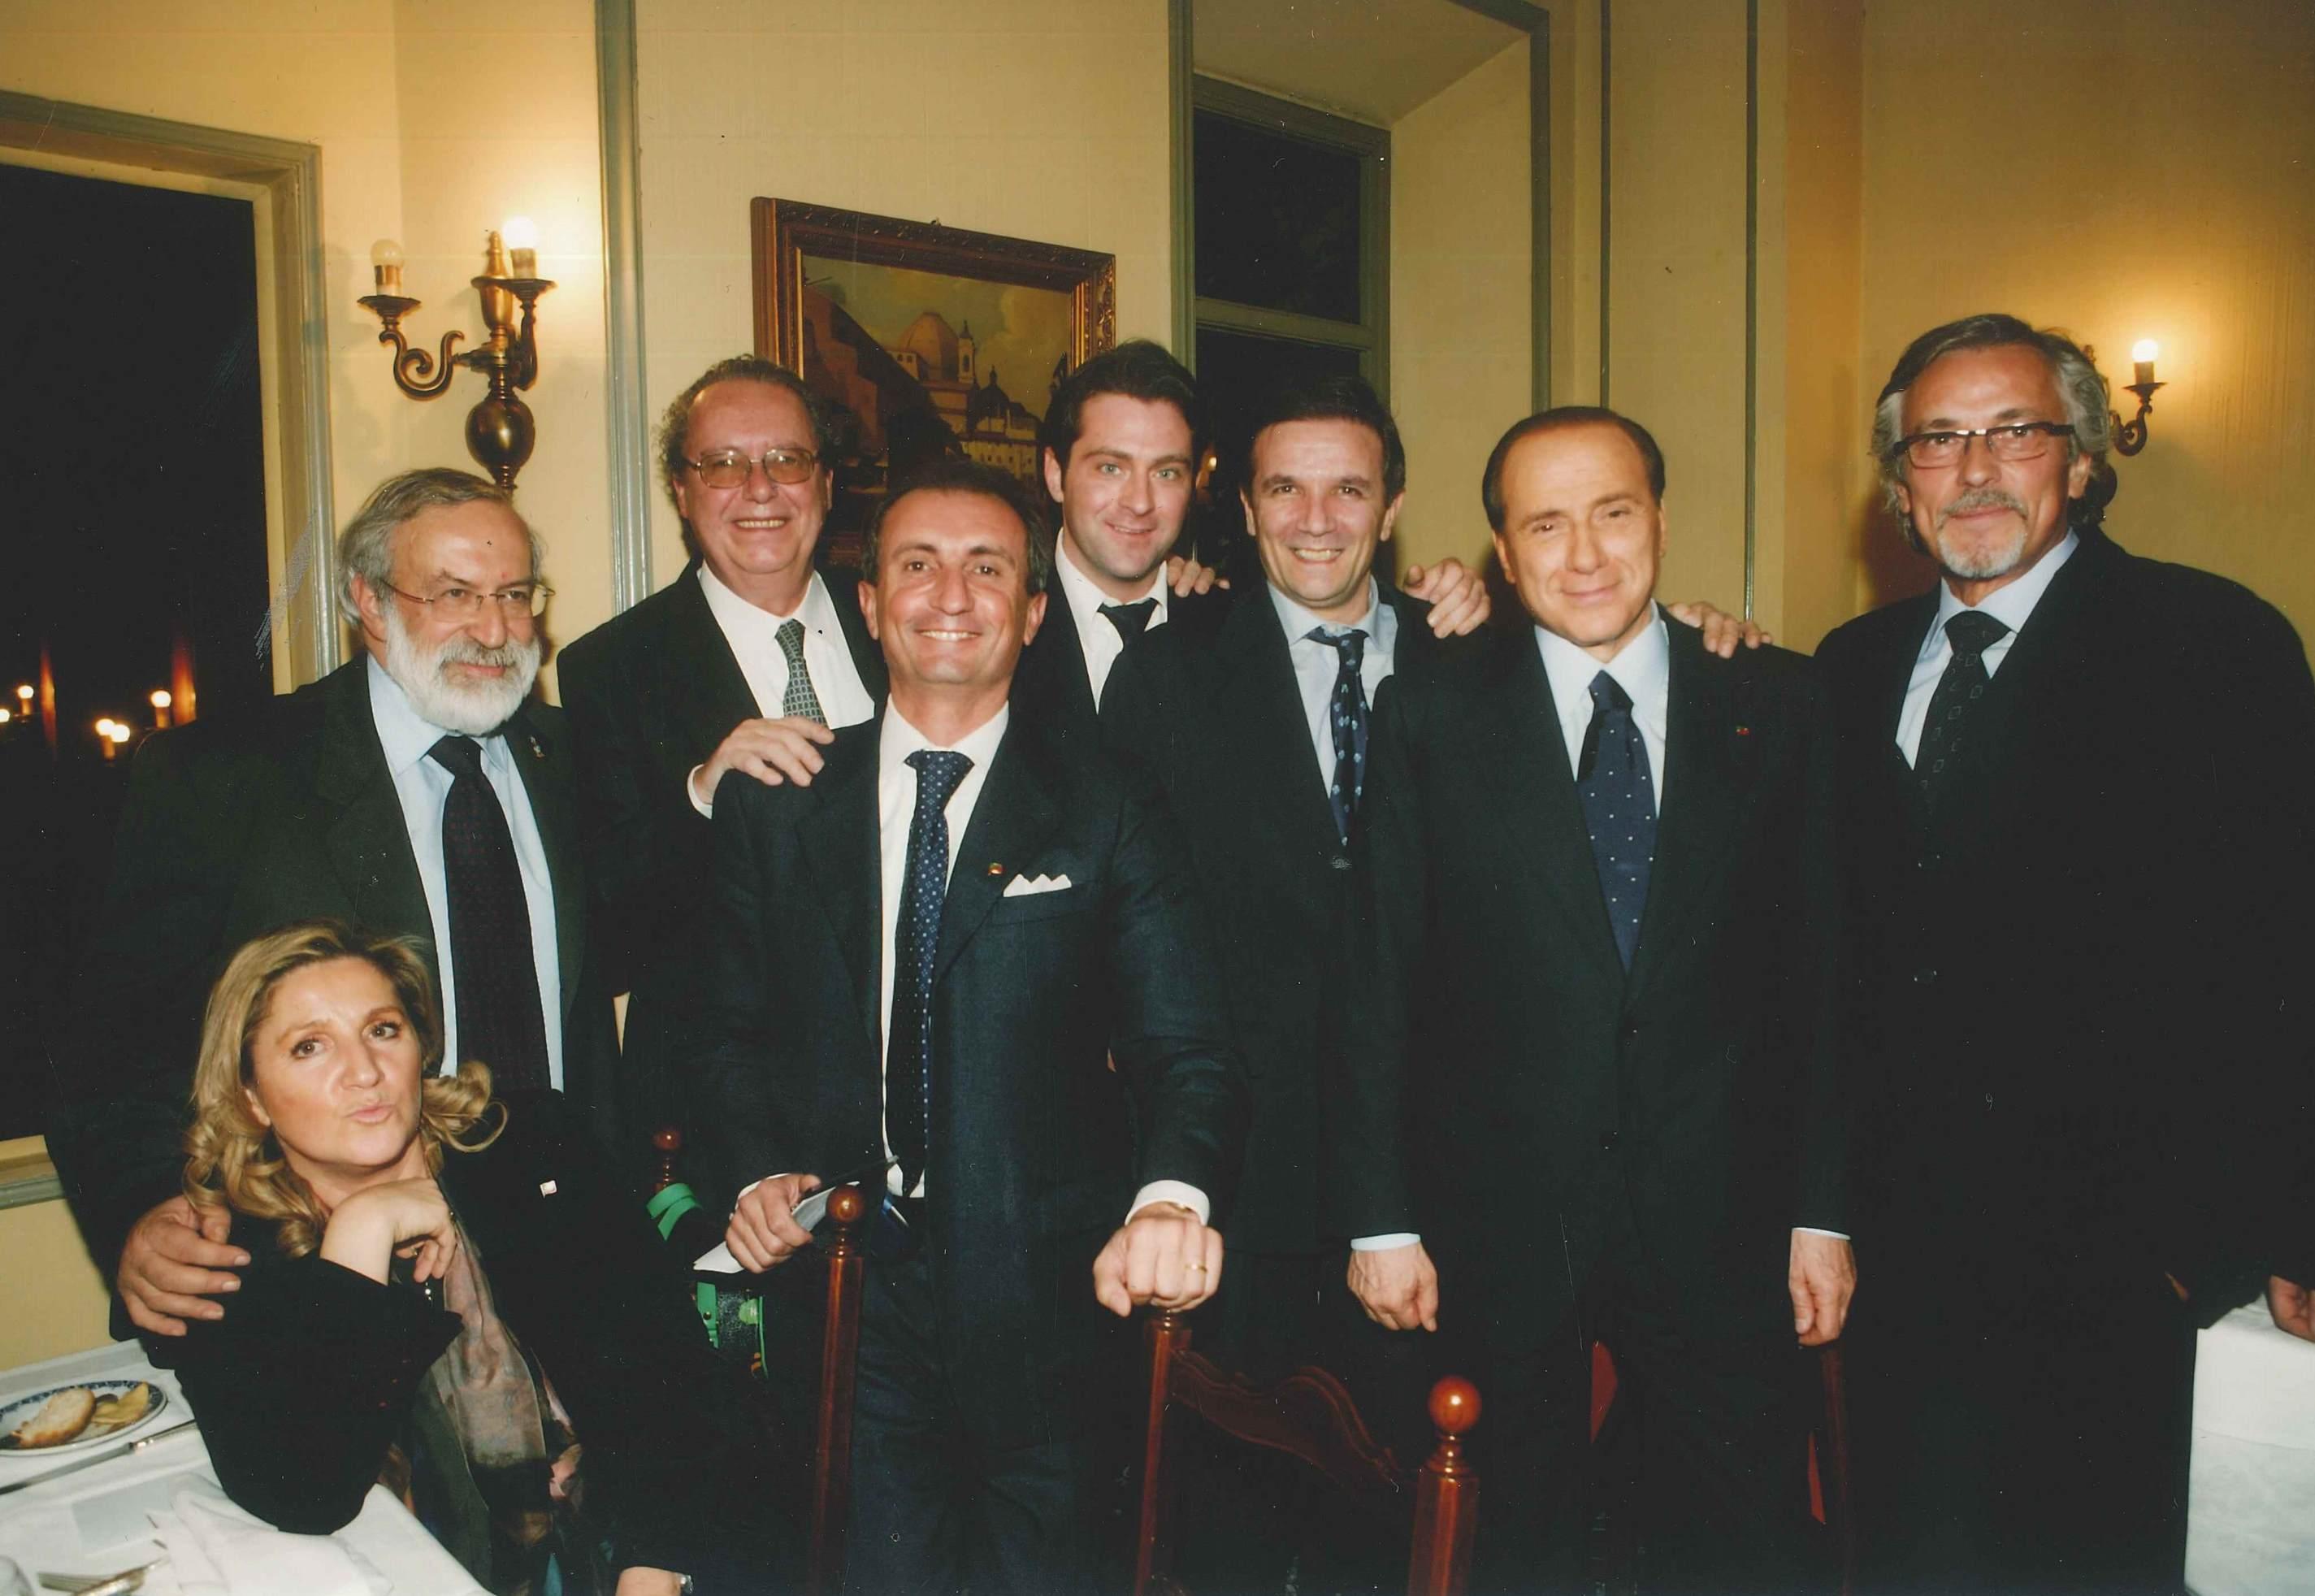 Firenze, 2006 - Silvio Berlusconi, Enrico Ferri, Fabrizio Bianchi...